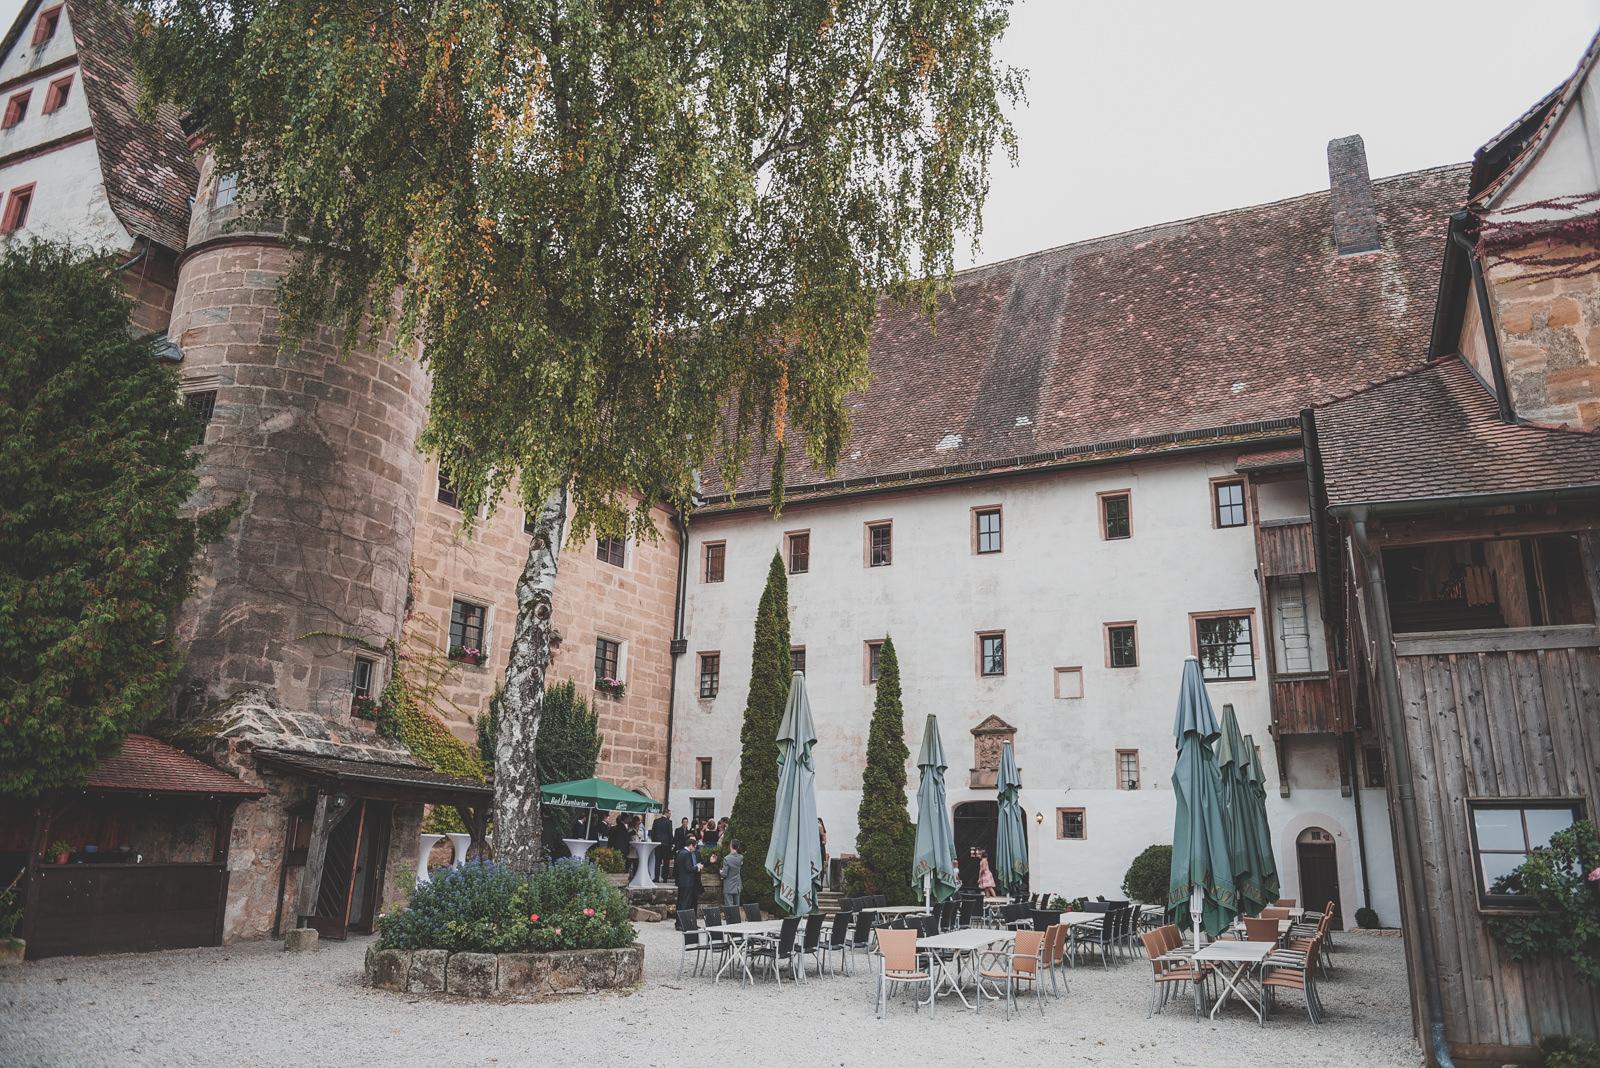 hochzeitsfotograf-nuernberg-forchheim-8